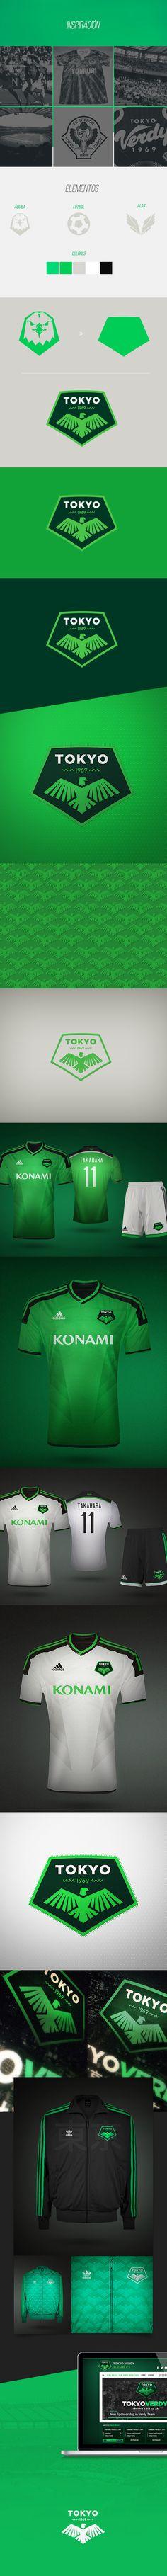 J-League · Tokyo Verdy on Behance Football Design 143dfcf07